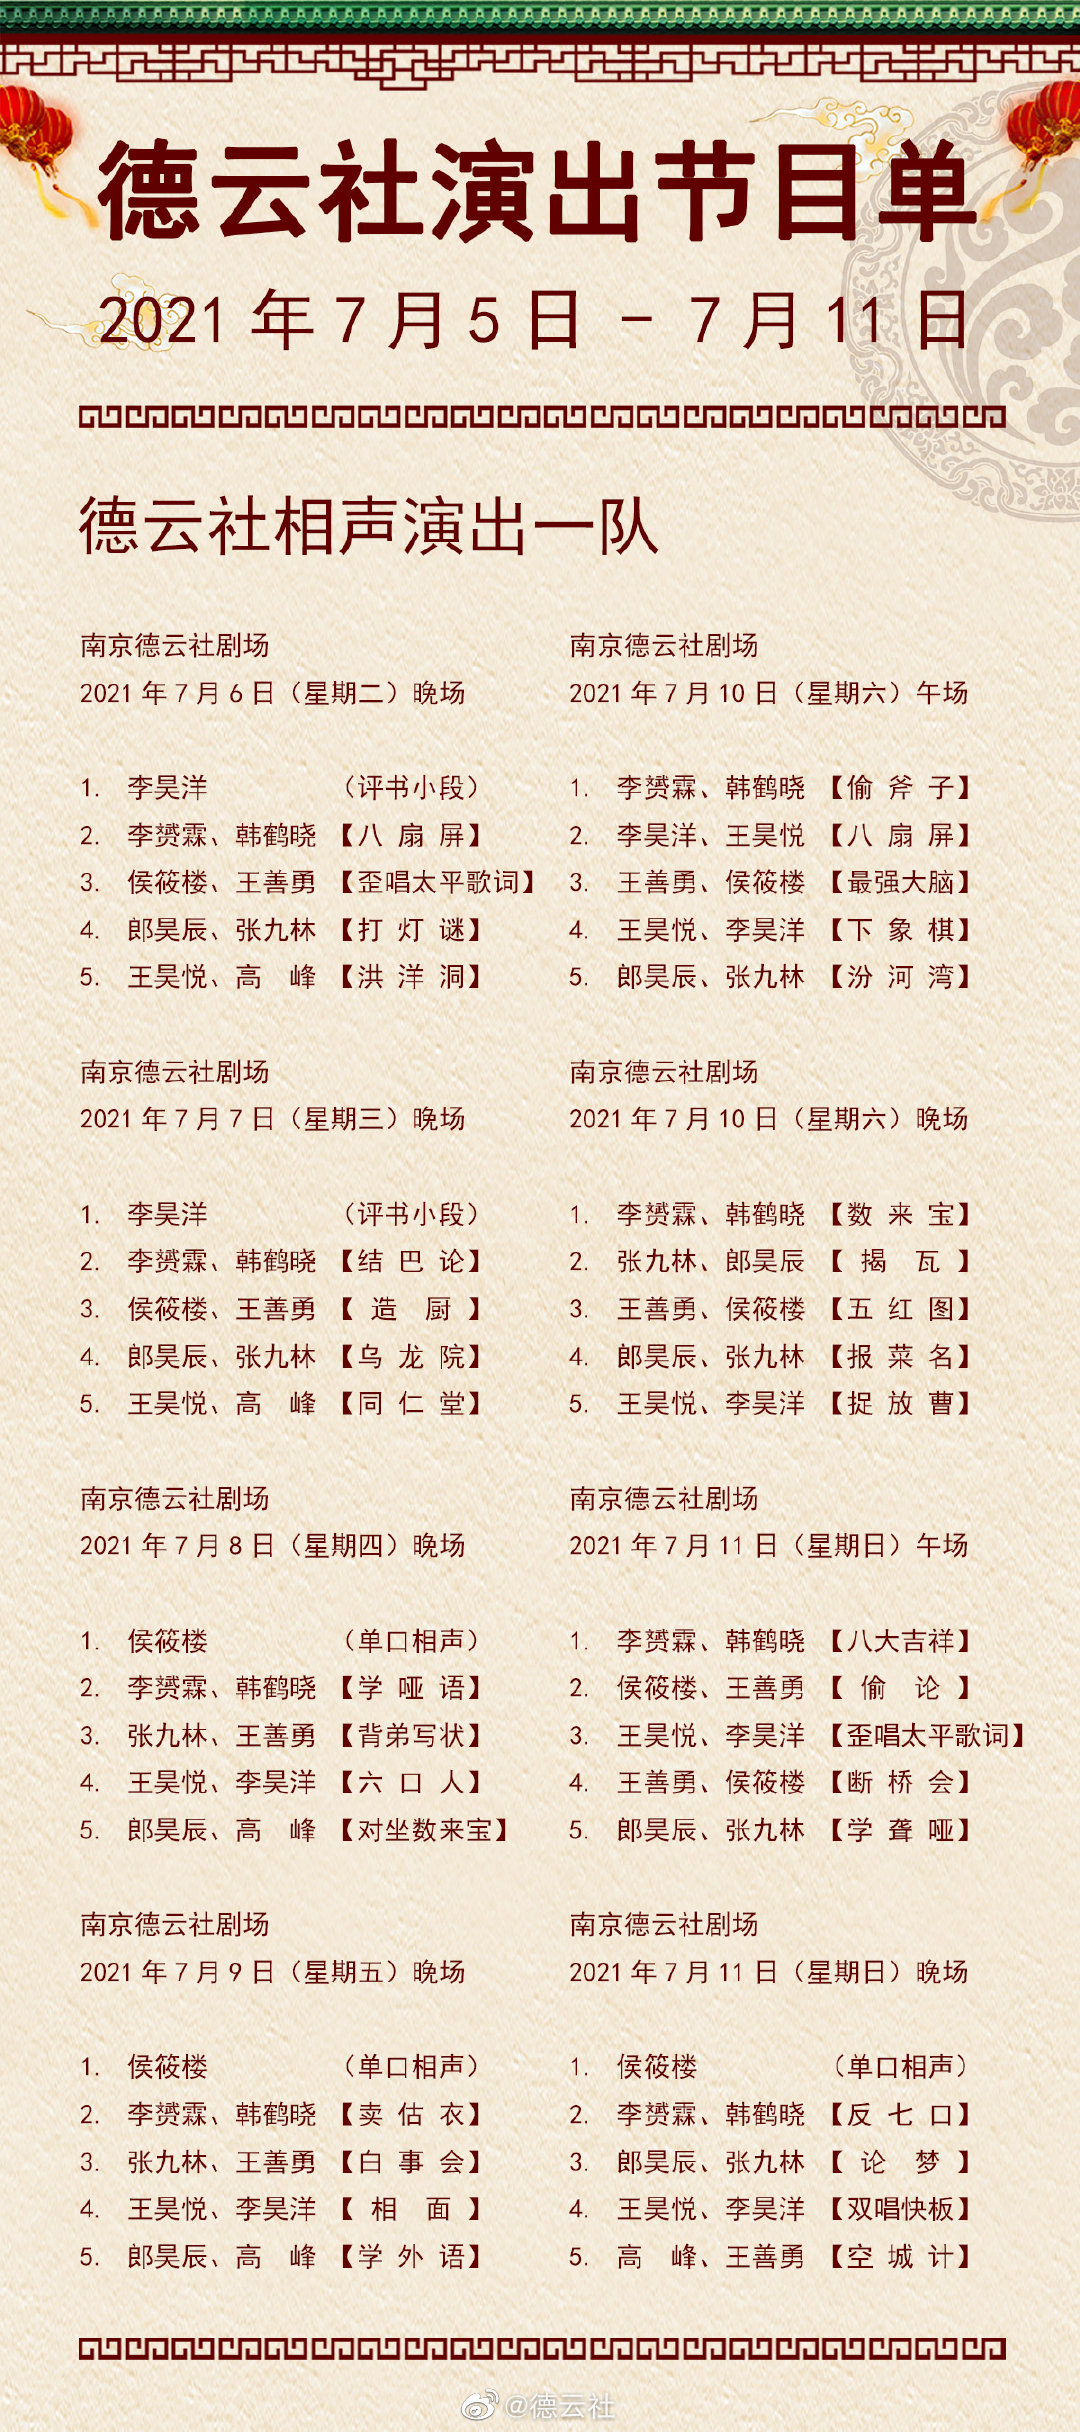 《德云社》2021年7月5日-7月11日演出节目单介绍